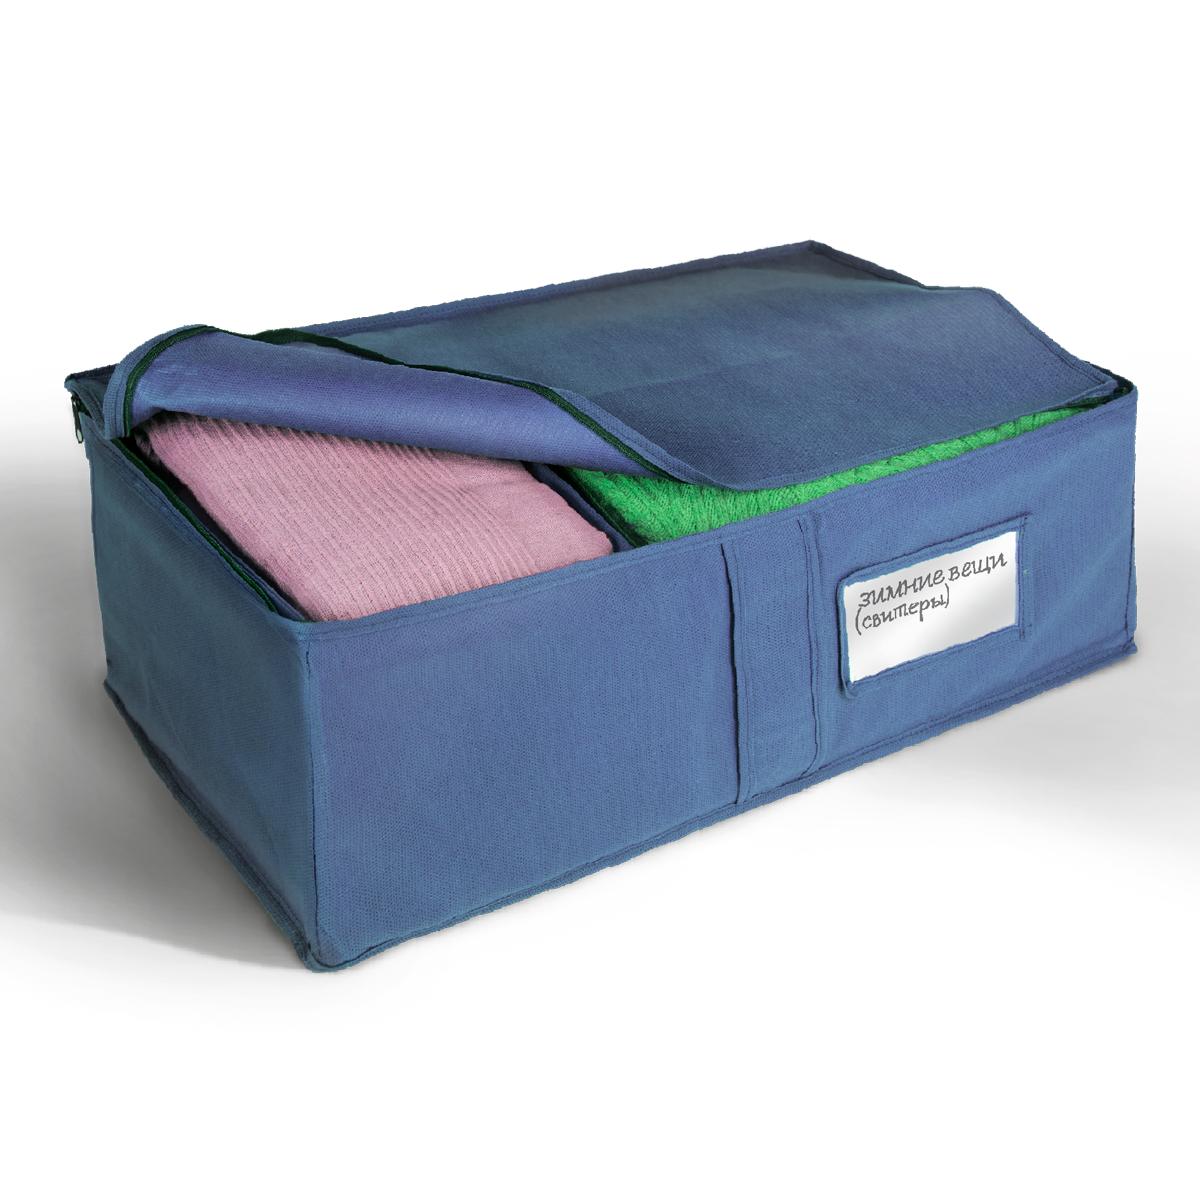 Кофр для хранения Miolla, складной, цвет: синий, 60 х 30 х 20 смCHL-7-1Компактный складной кофр Miolla изготовлен из высококачественногонетканого материала, которыйобеспечивает естественную вентиляцию, позволяя воздуху проникать внутрь,но не пропускает пыль. Изделие закрывается на молнию. Размер кофра (в собранном виде): 60 x 30 x 20 см.